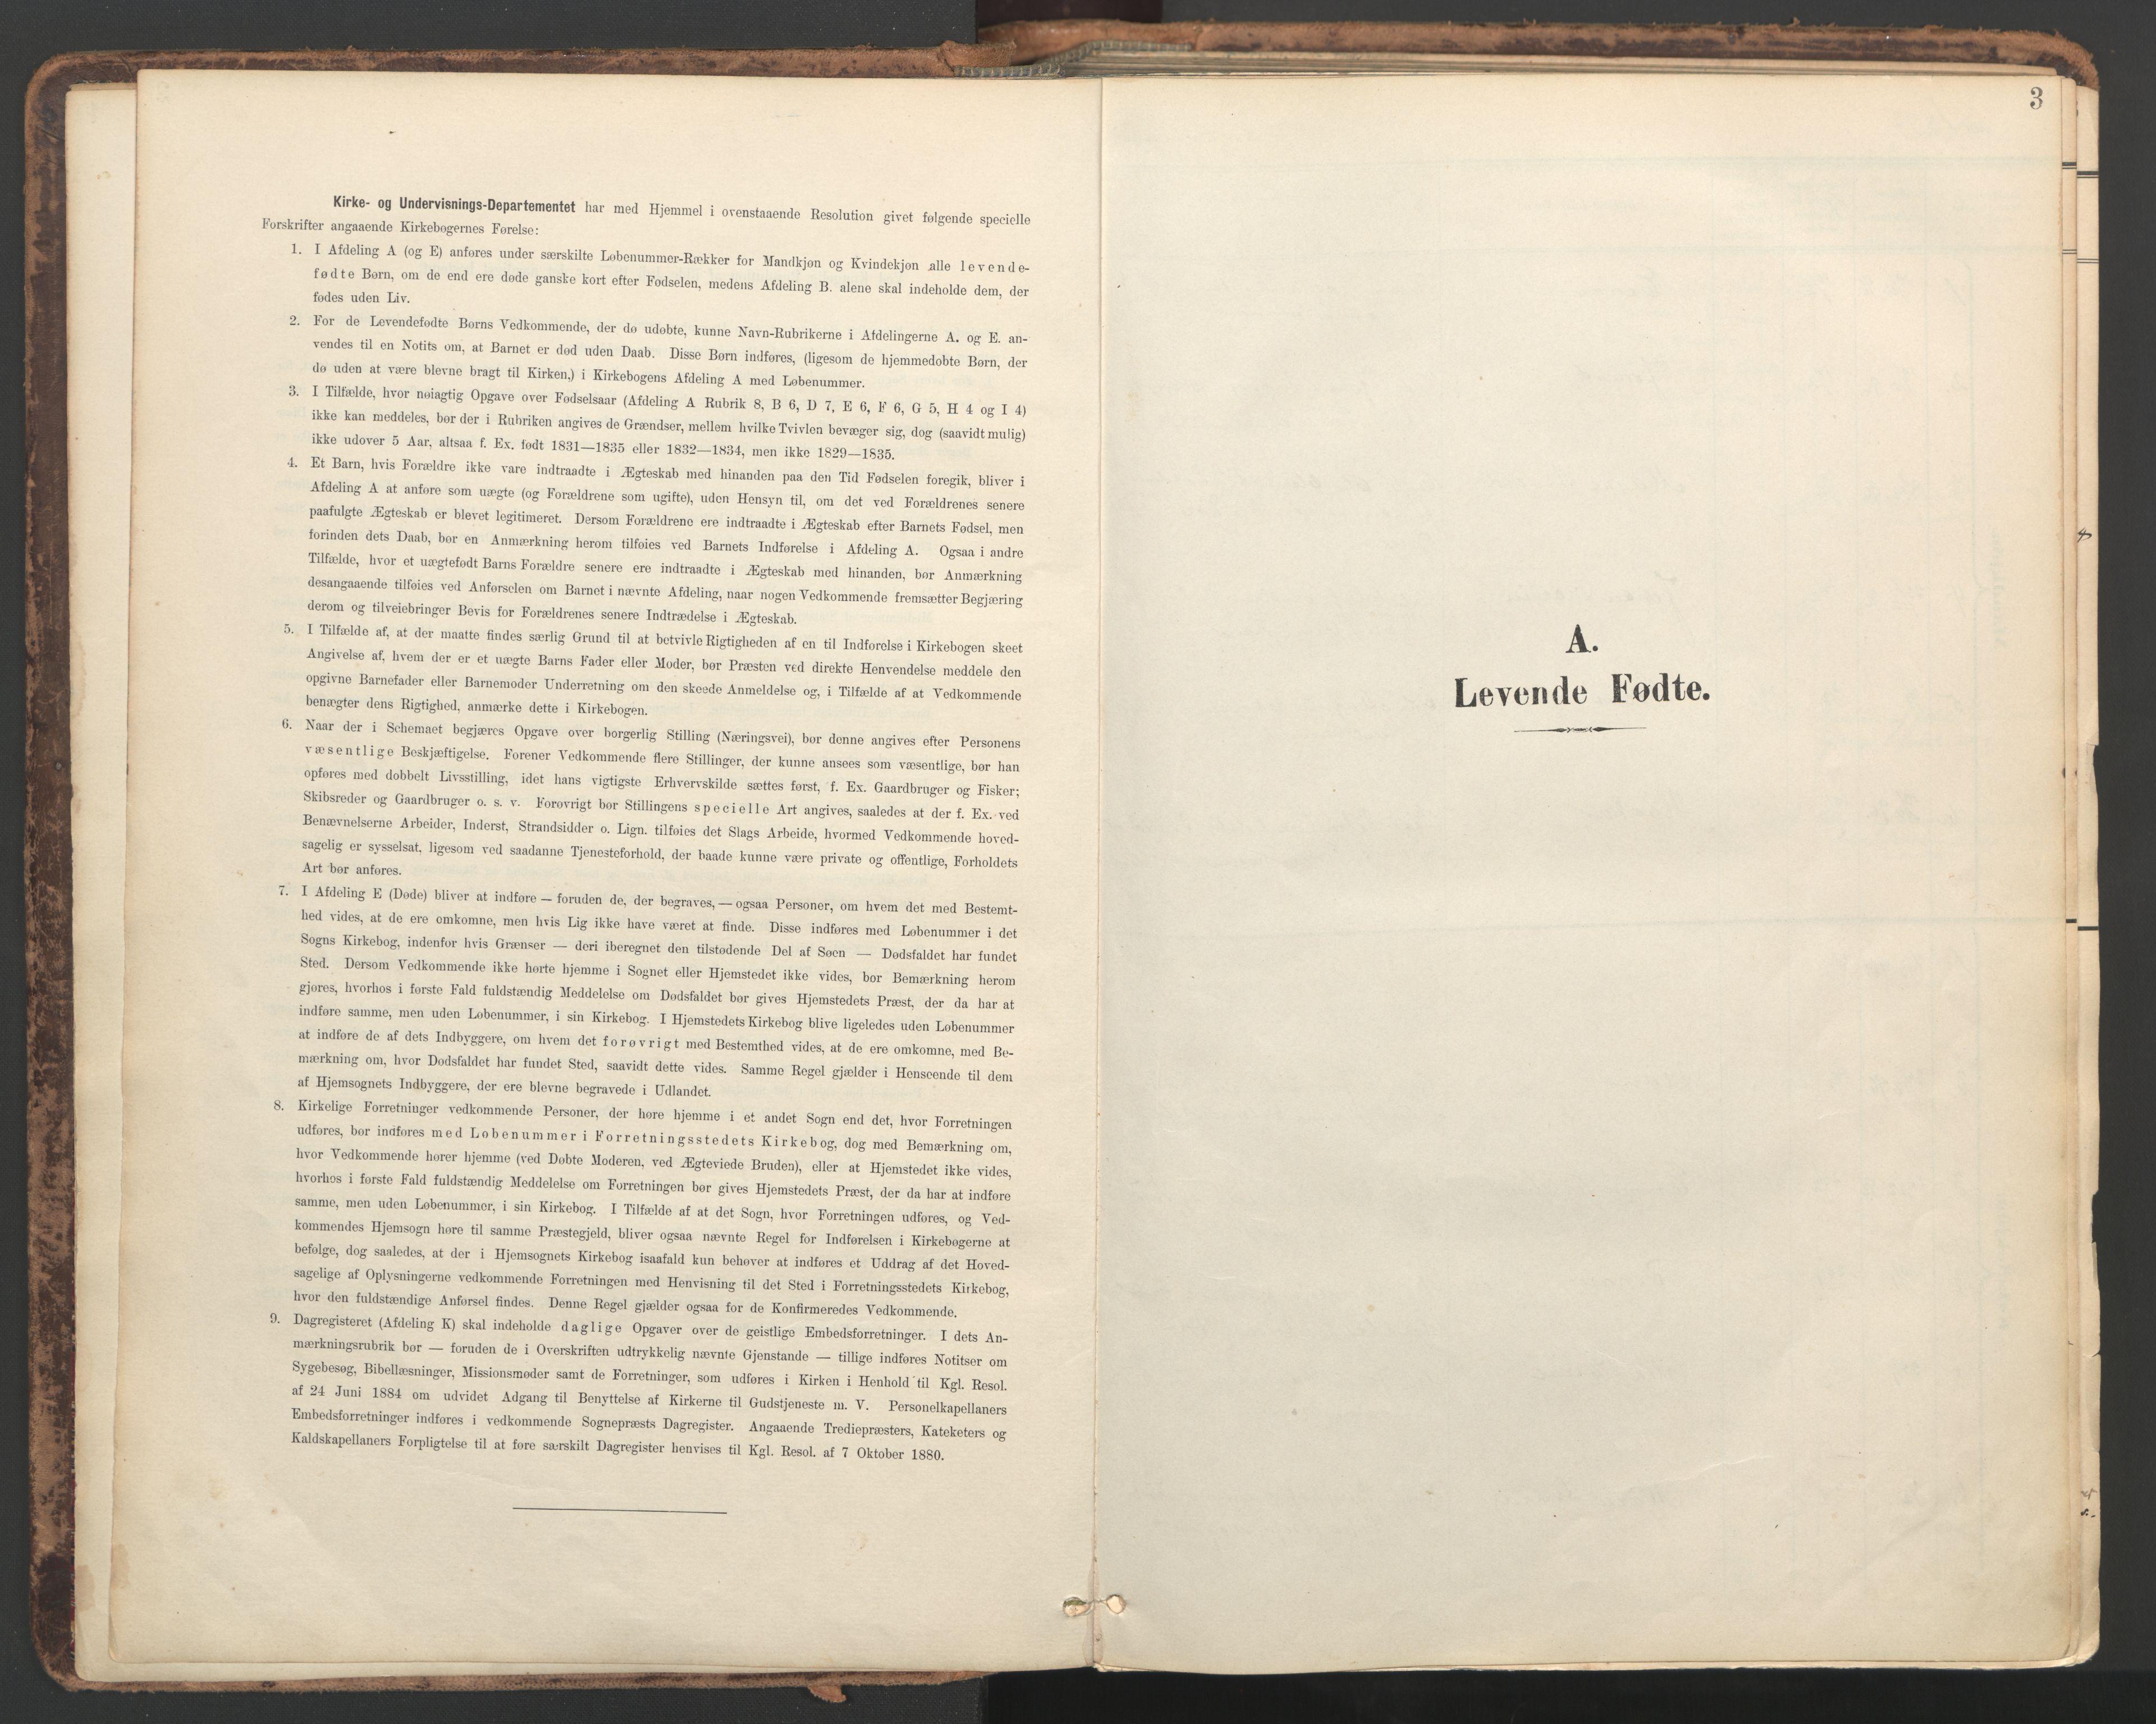 SAT, Ministerialprotokoller, klokkerbøker og fødselsregistre - Nord-Trøndelag, 764/L0556: Ministerialbok nr. 764A11, 1897-1924, s. 3